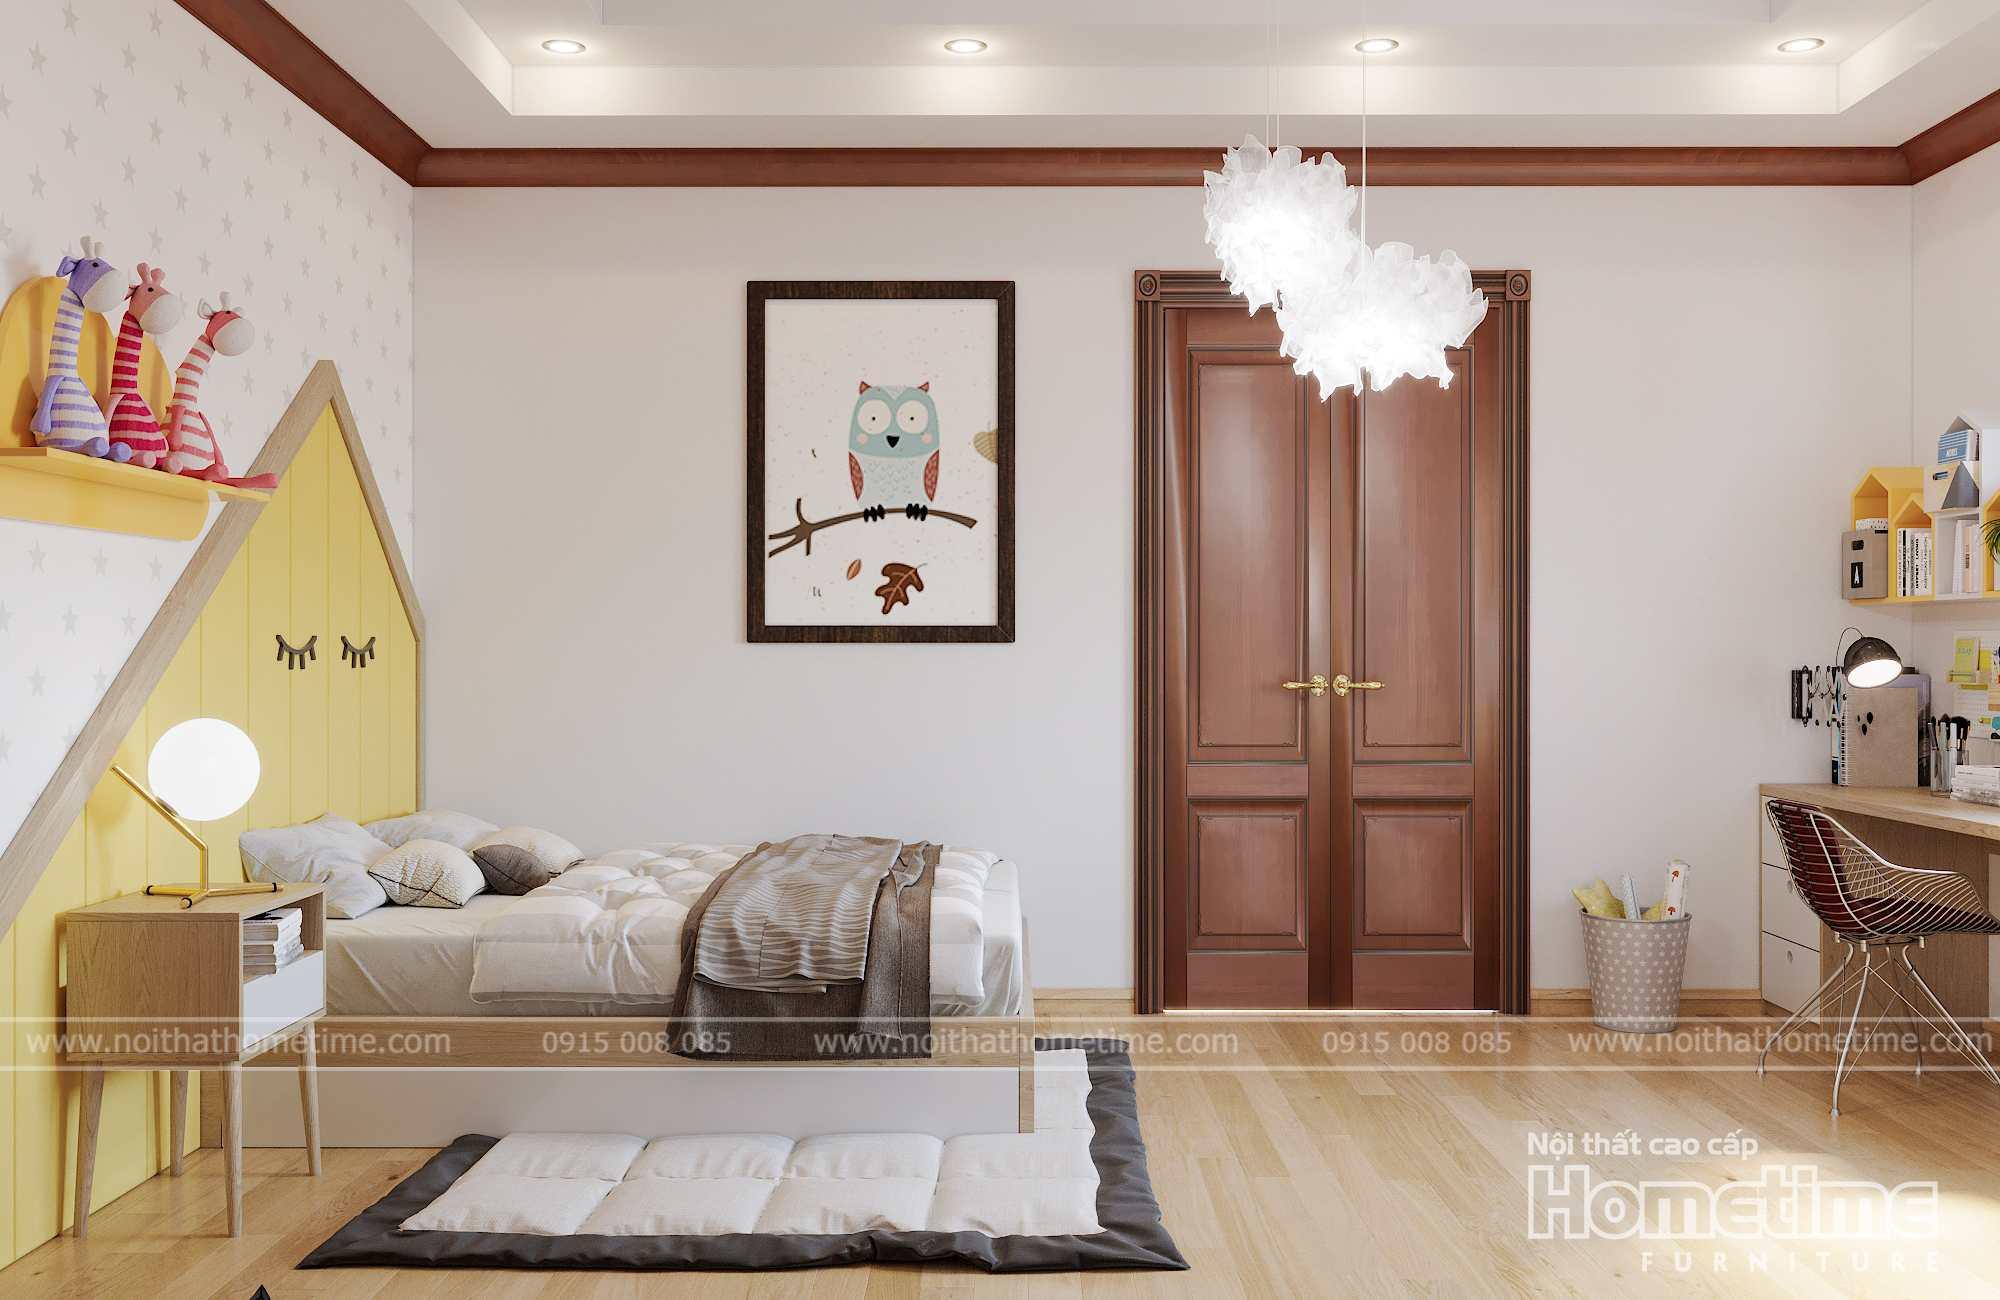 Phòng ngủ thoải mái tiện nghi dành cho trẻ nhỏ